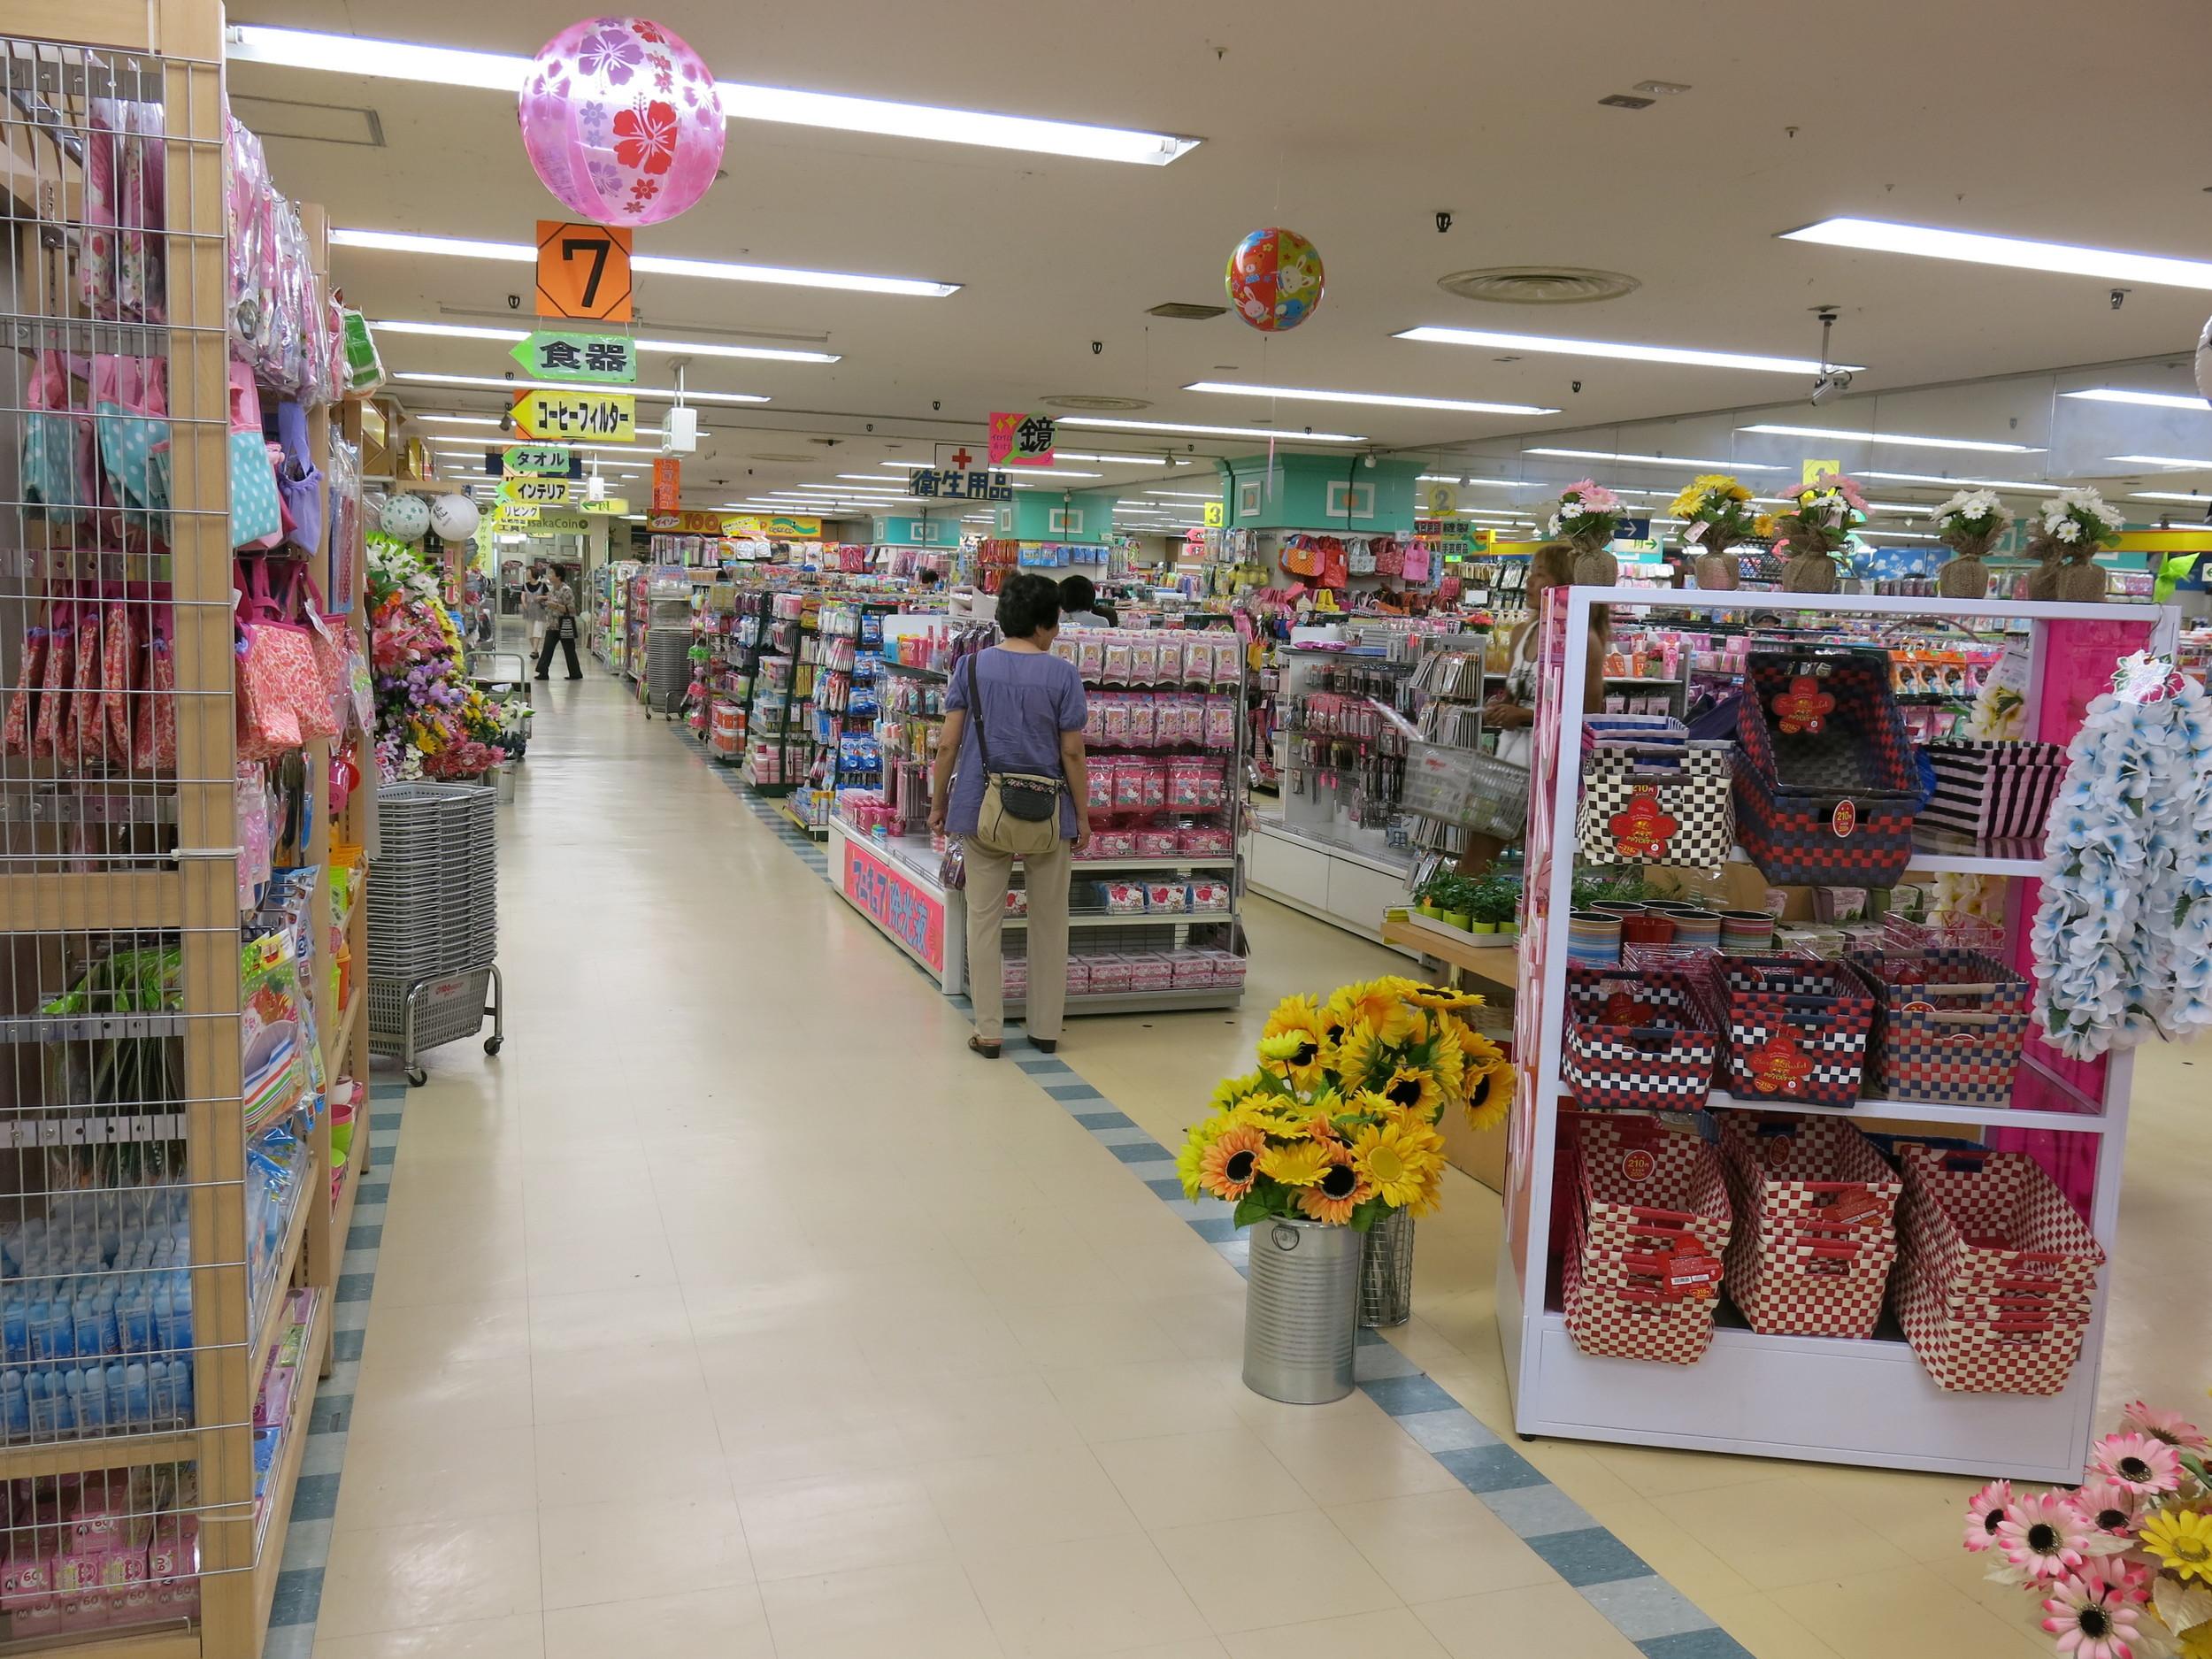 Okazaki CIBICO department store.